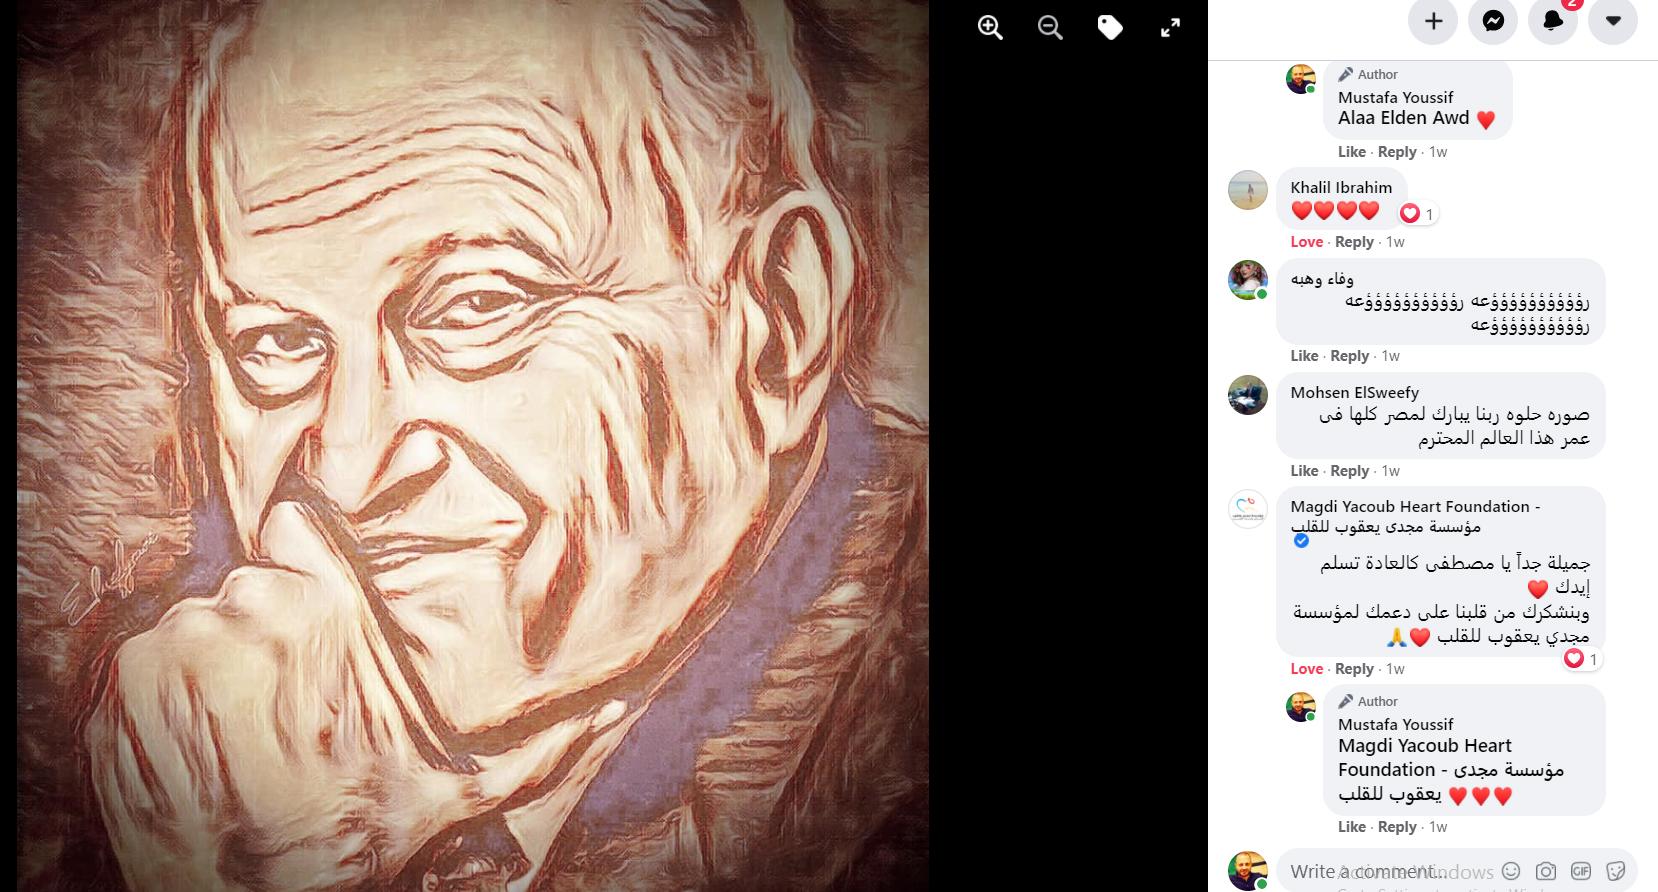 رسمة الدكتور مجدي يعقوب بواسطة الفنان مصطفى النفياوي